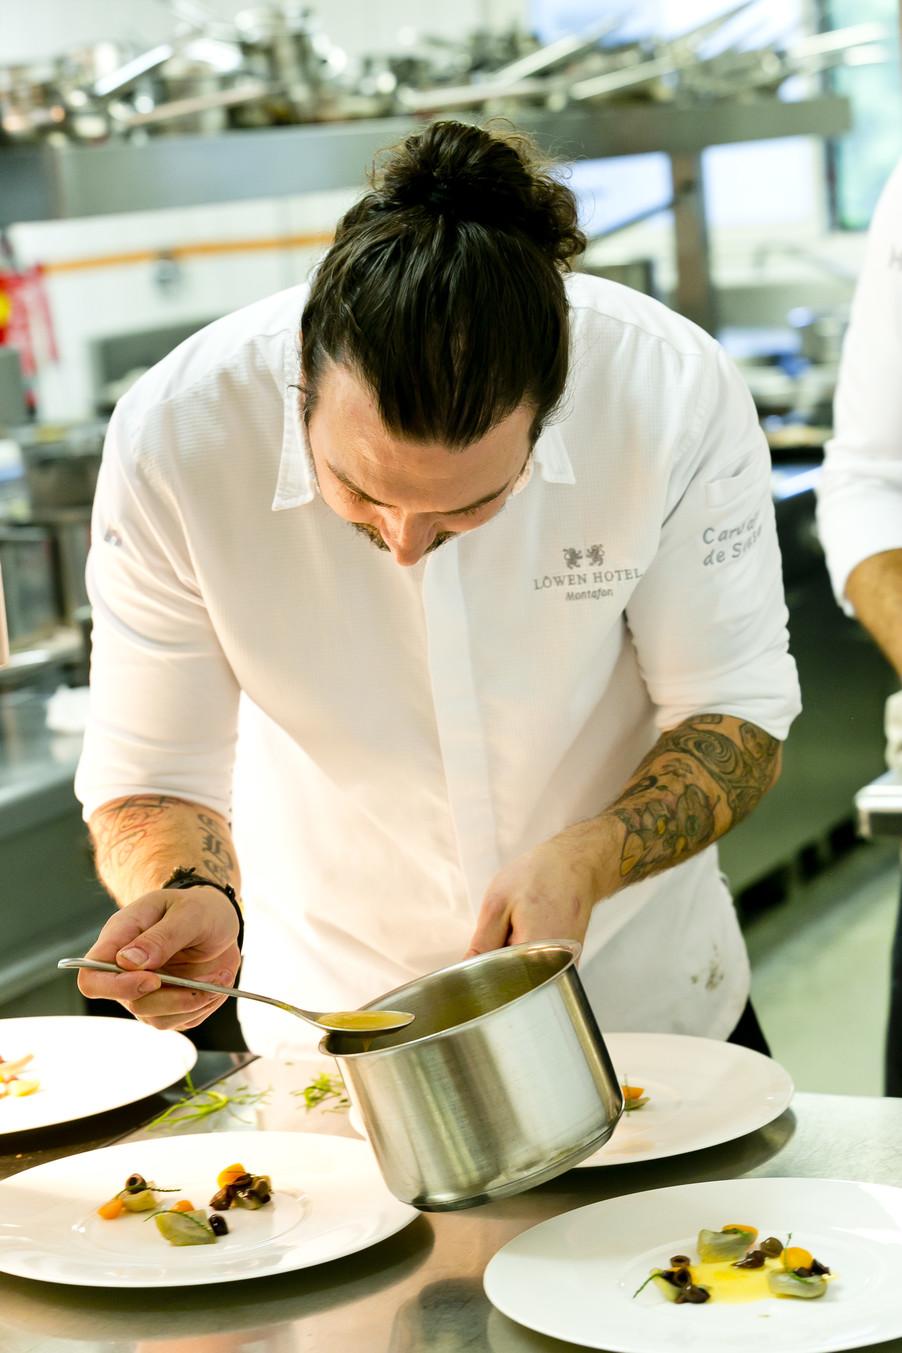 Bild 71 | Löwen Hotel Montafon: Erfolgreiches Four-Hands-Dinner in der Löwen Stube